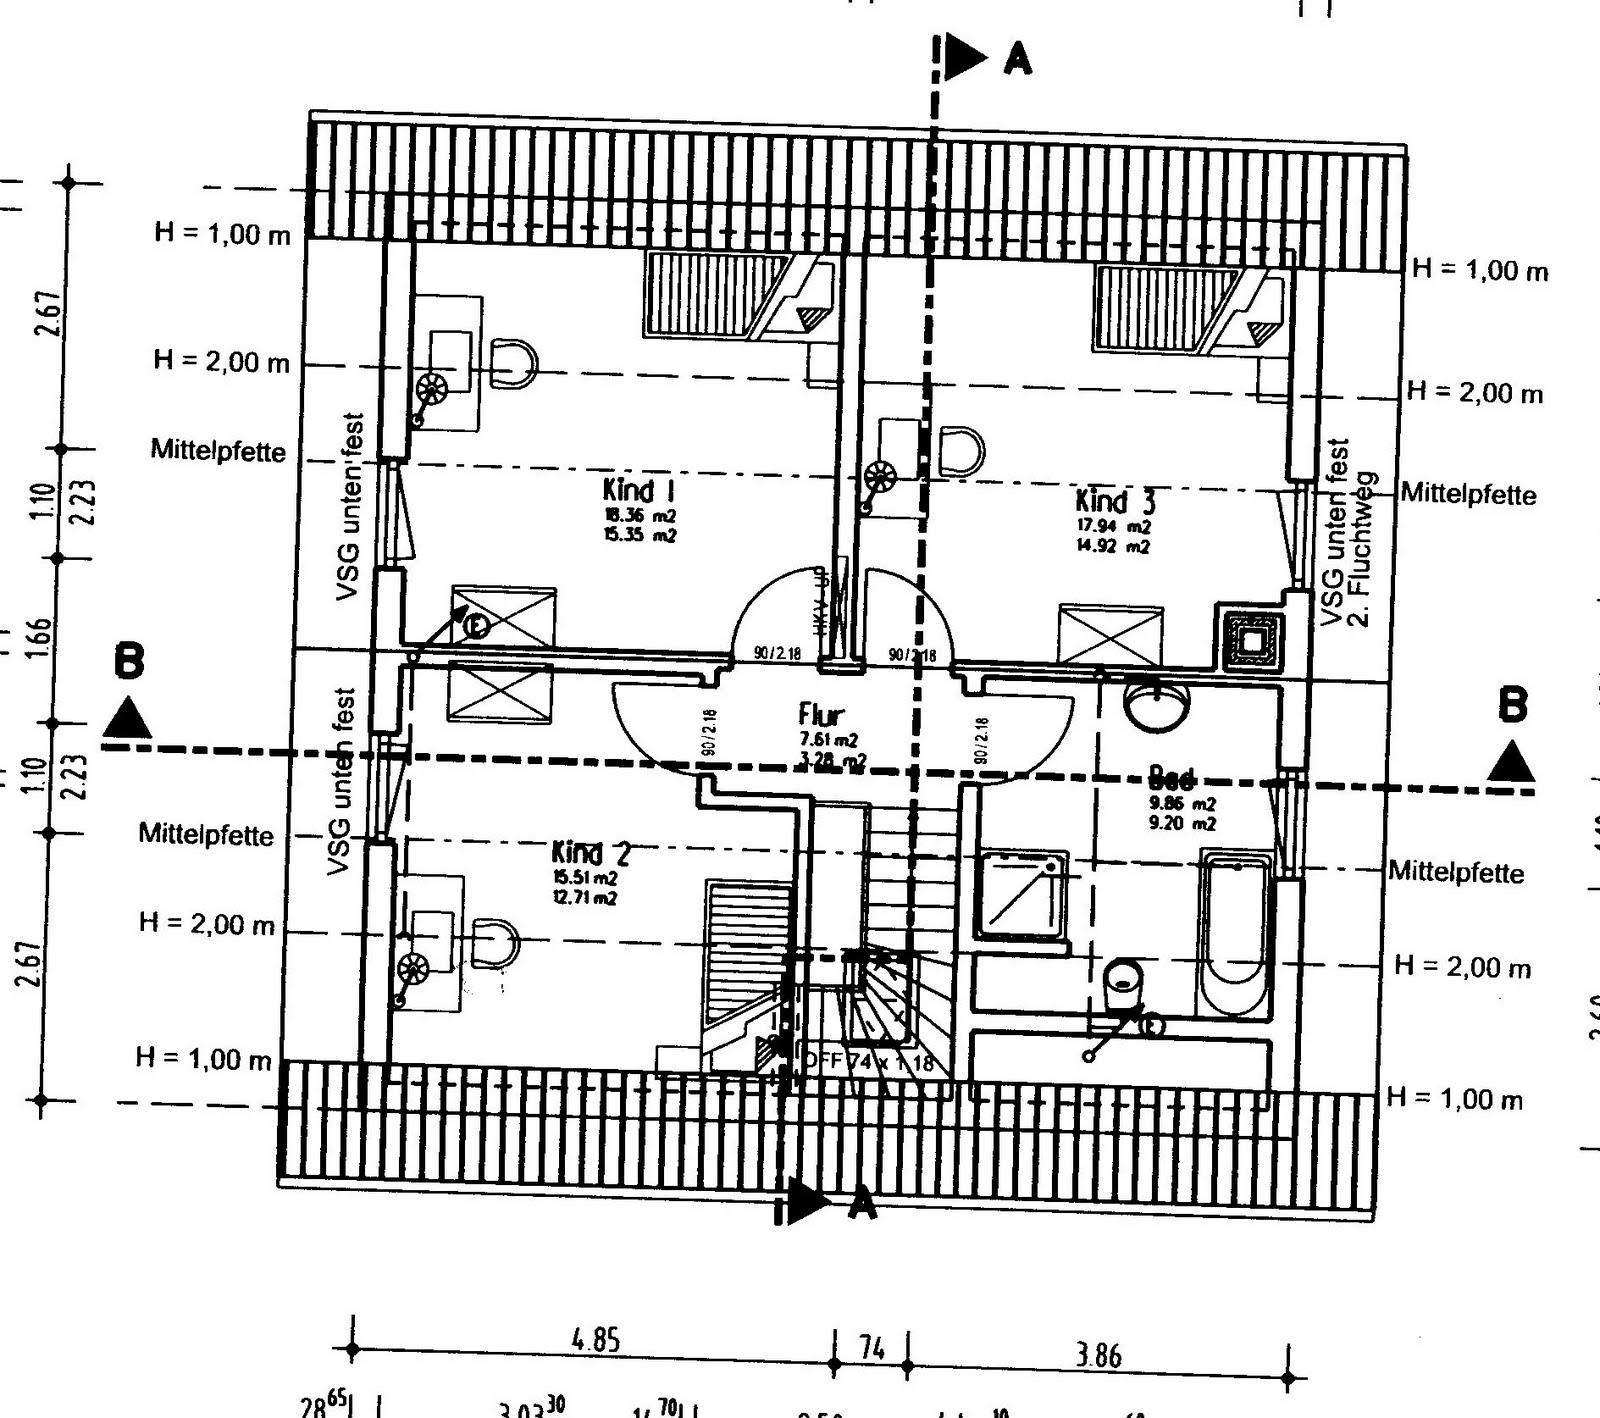 dusche vorm fenster bauen ihr ideales zuhause stil. Black Bedroom Furniture Sets. Home Design Ideas